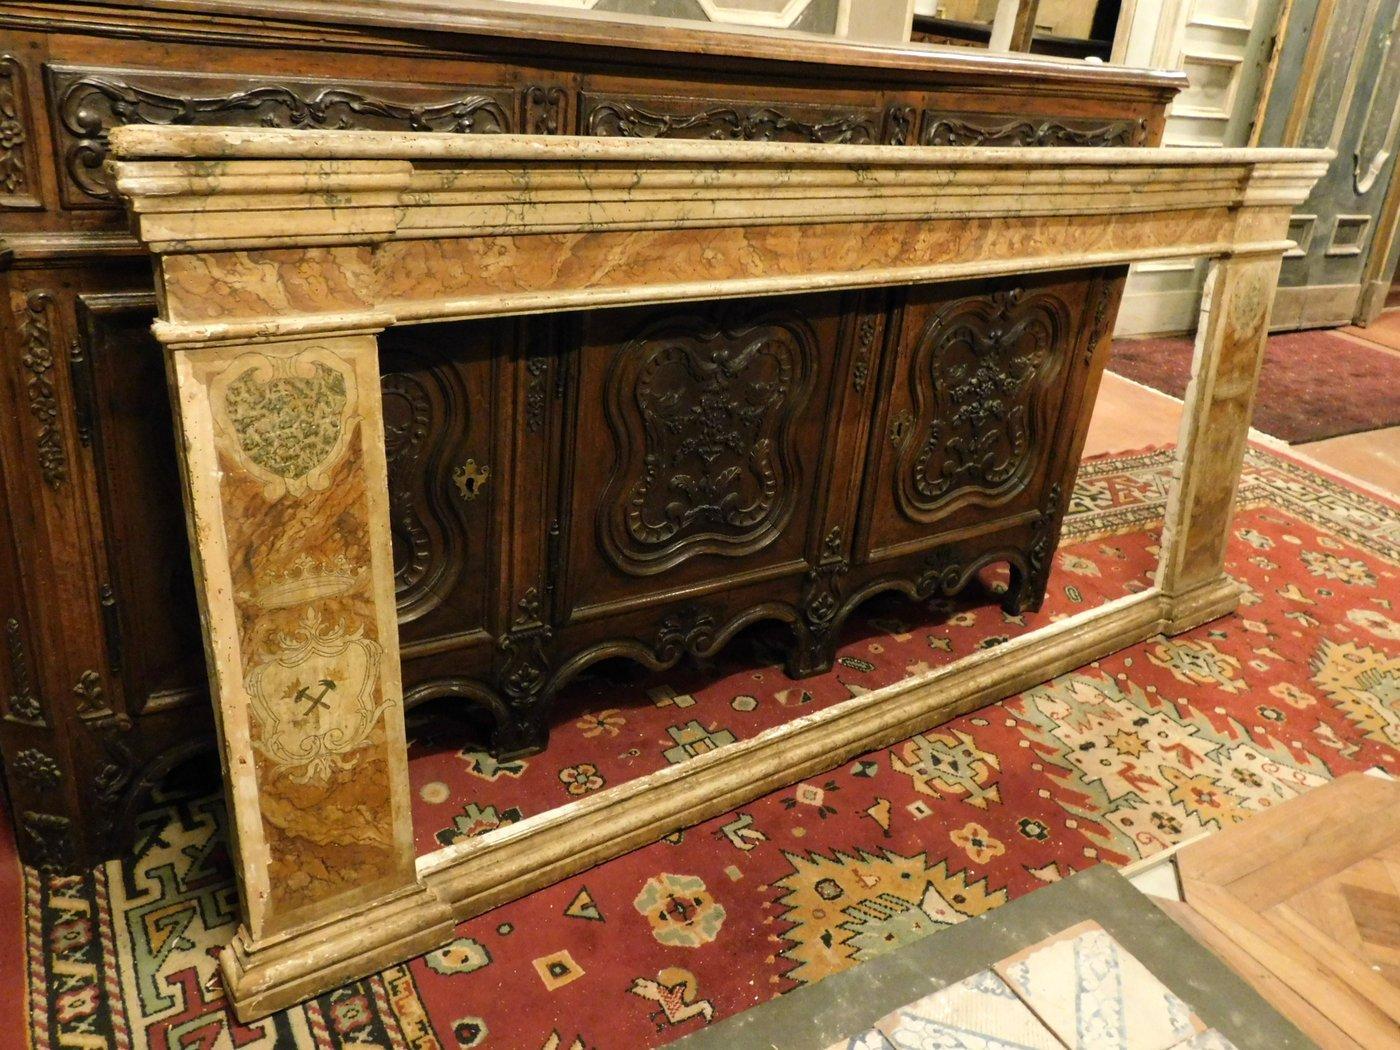 thumb6|A pan209 telaio laccato finto marmo, con capitelli mis. larg. cm 233 x h 105, epoca '700